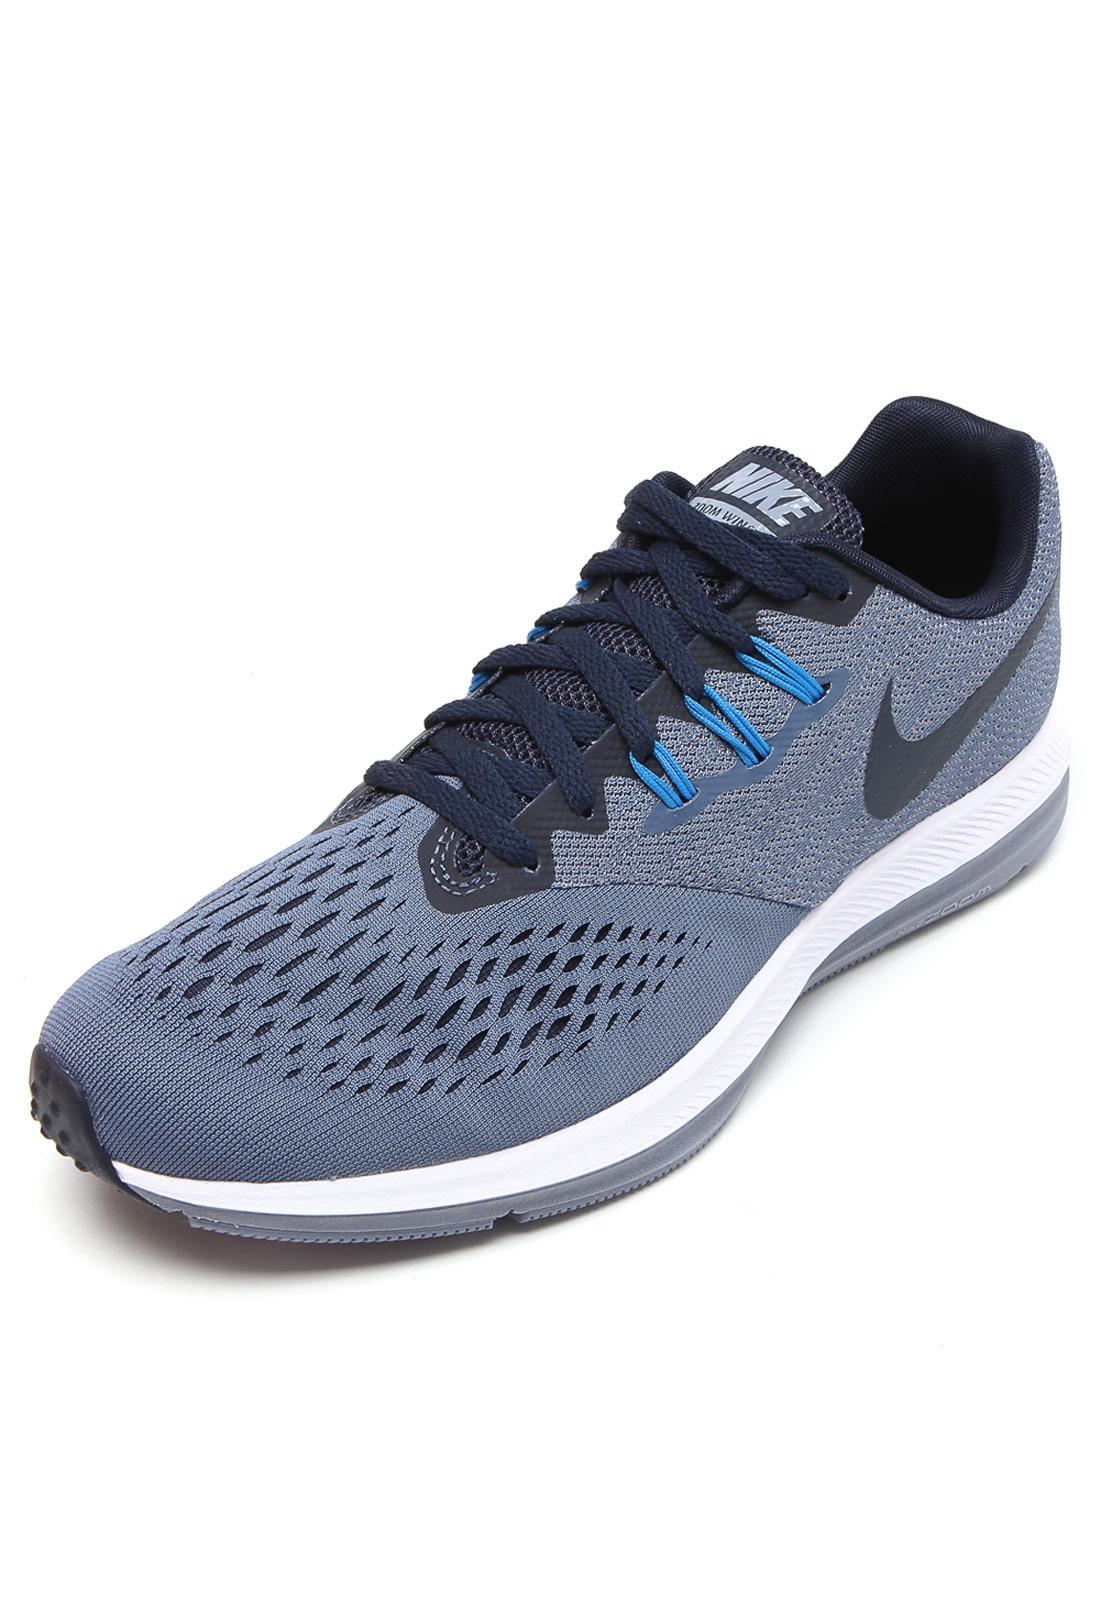 Tênis Nike Zoom Winflo 4 Azul   Tênis nike, Nike e Nike zoom